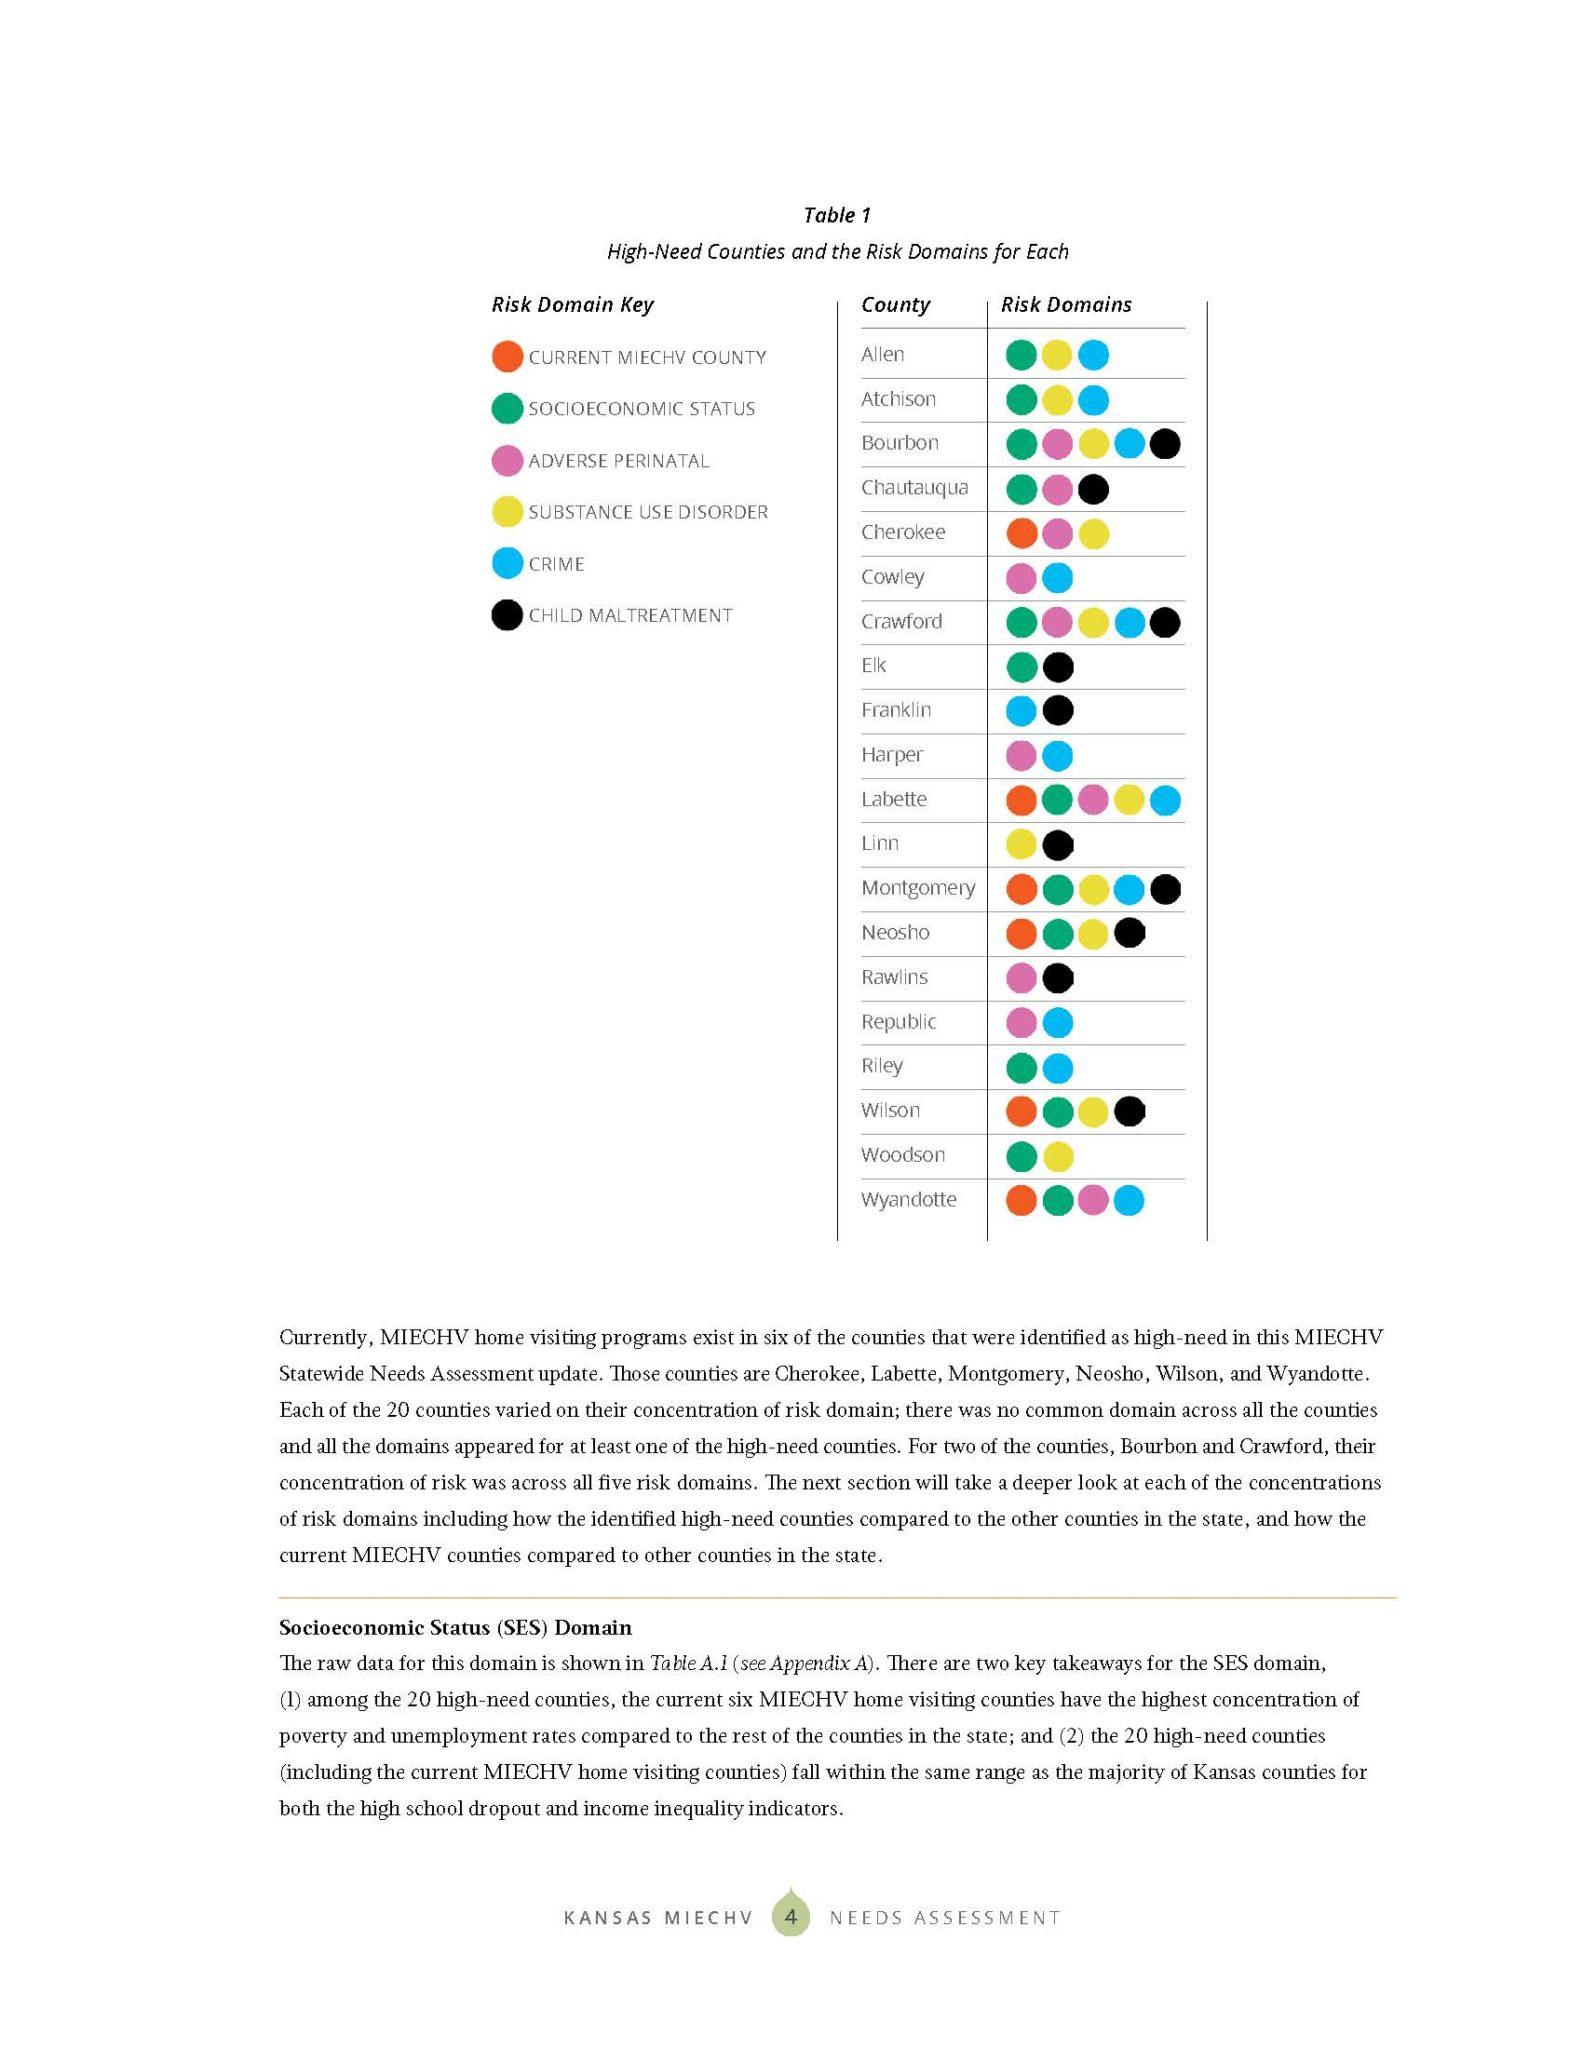 KS MIECHV 2020 Needs Assessment_DIGITAL_Page_012